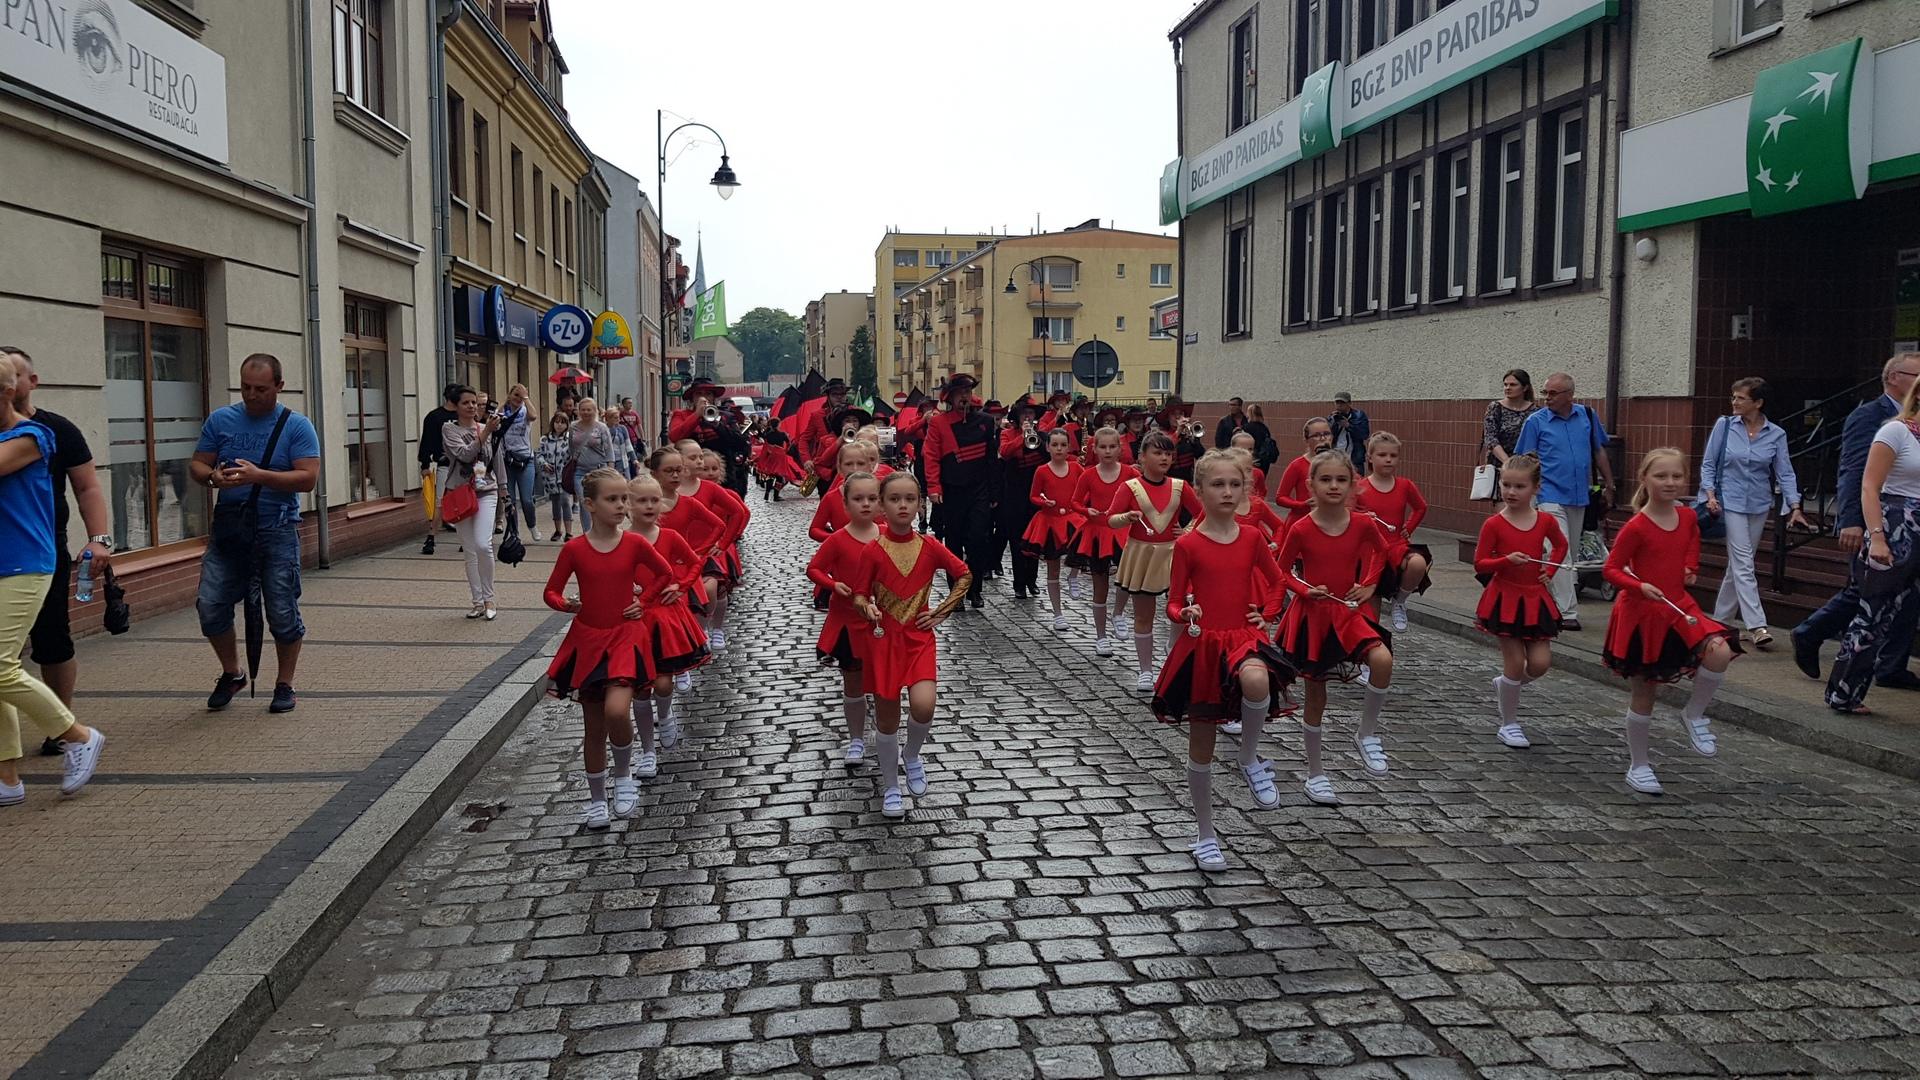 Krajowe Święto Ludowe w Gryficach, krajowe święto PSL Gryfice 2018